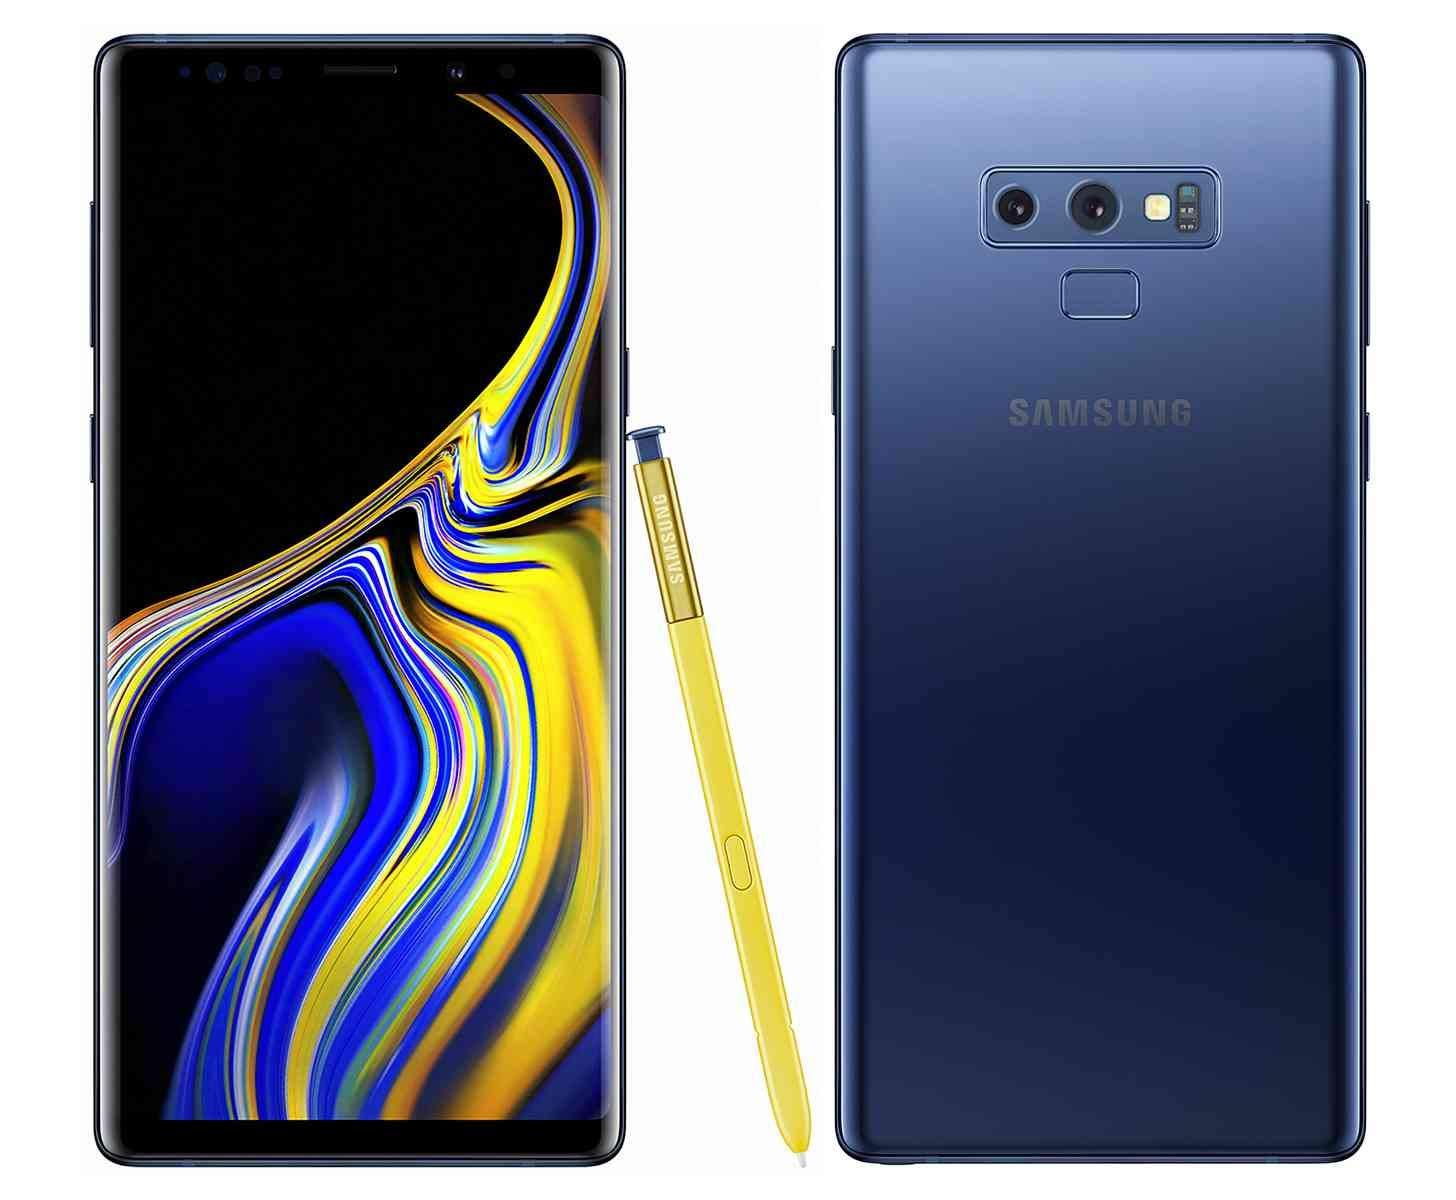 Samsung Galaxy Note 9 N960U 128GB T-Mobile GSM Unlocked Phone  (Ocean Blue, 128GB)(Renewed)